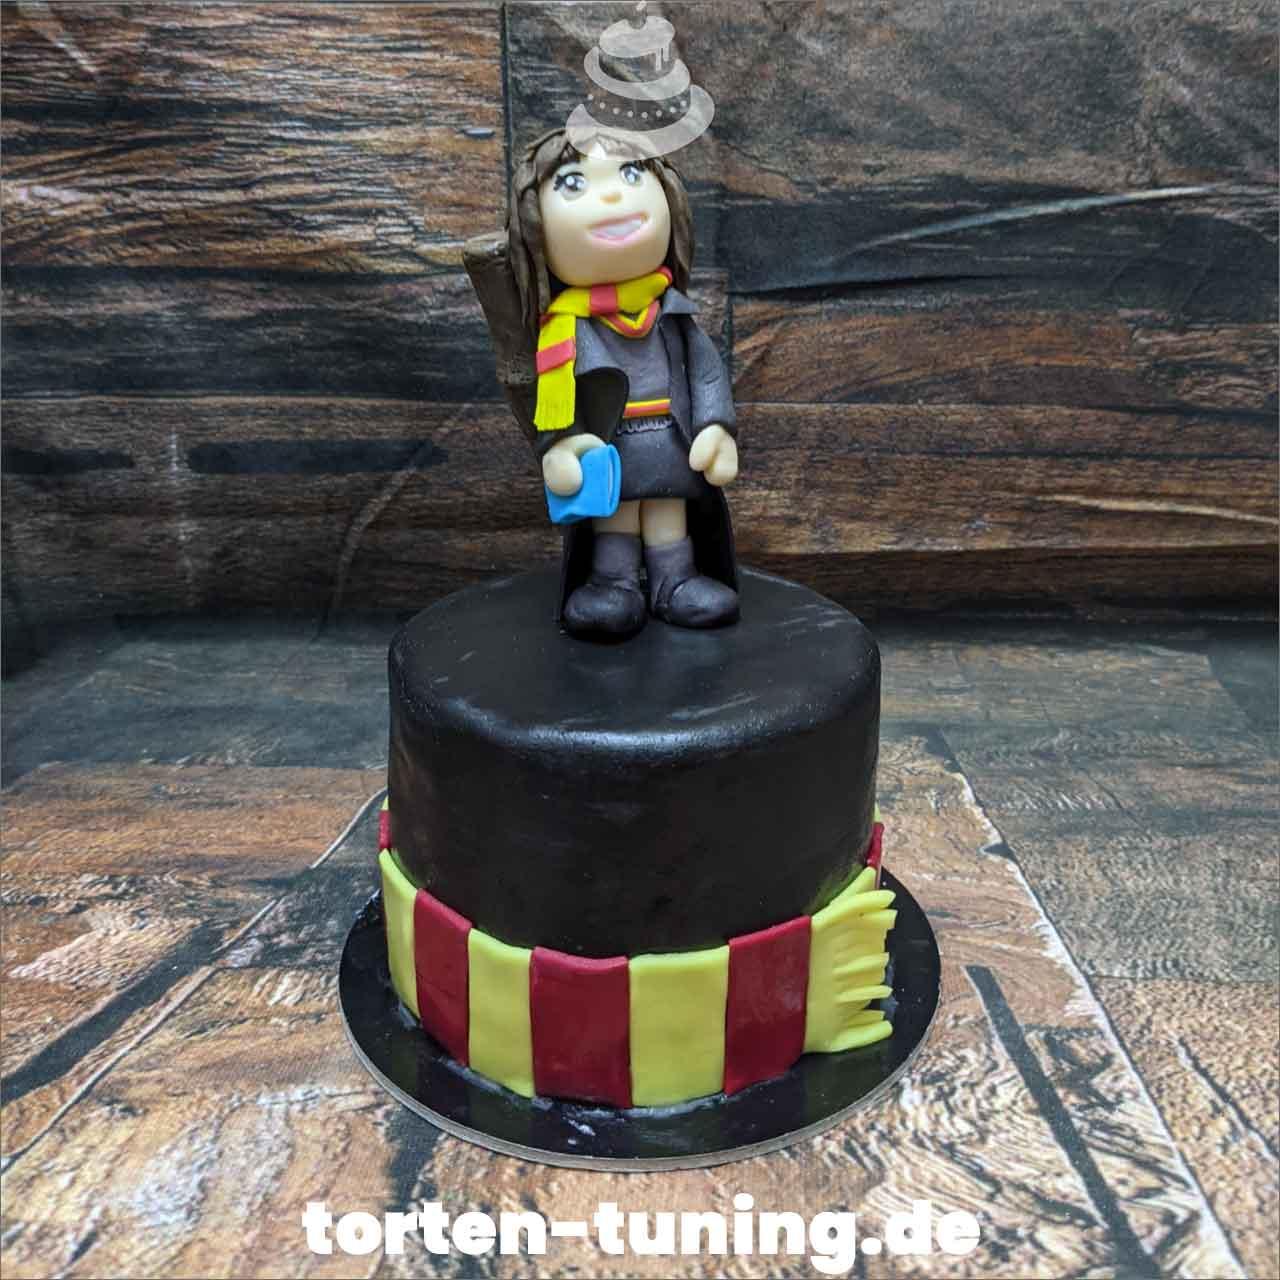 Hermine Harry Potter Dripcake Obsttorte Geburtstagstorte Motivtorte Torte Tortendekoration Torte online bestellen Suhl Thüringen Torten Tuning Sahnetorte Tortenfiguren Cake Topper